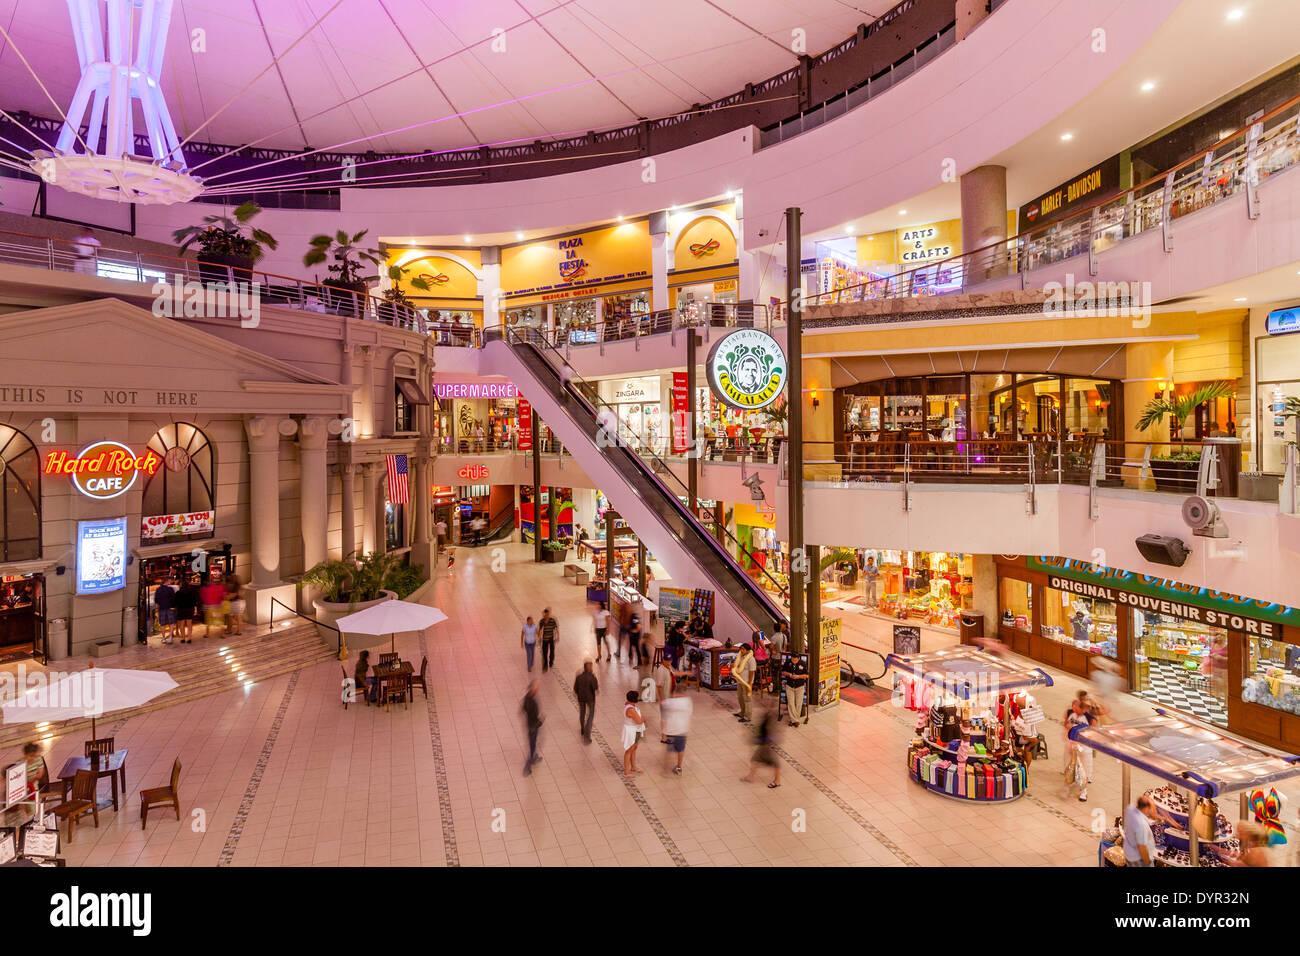 Plaza Forum Shopping Mall Cancun Quintana Roo Mexico